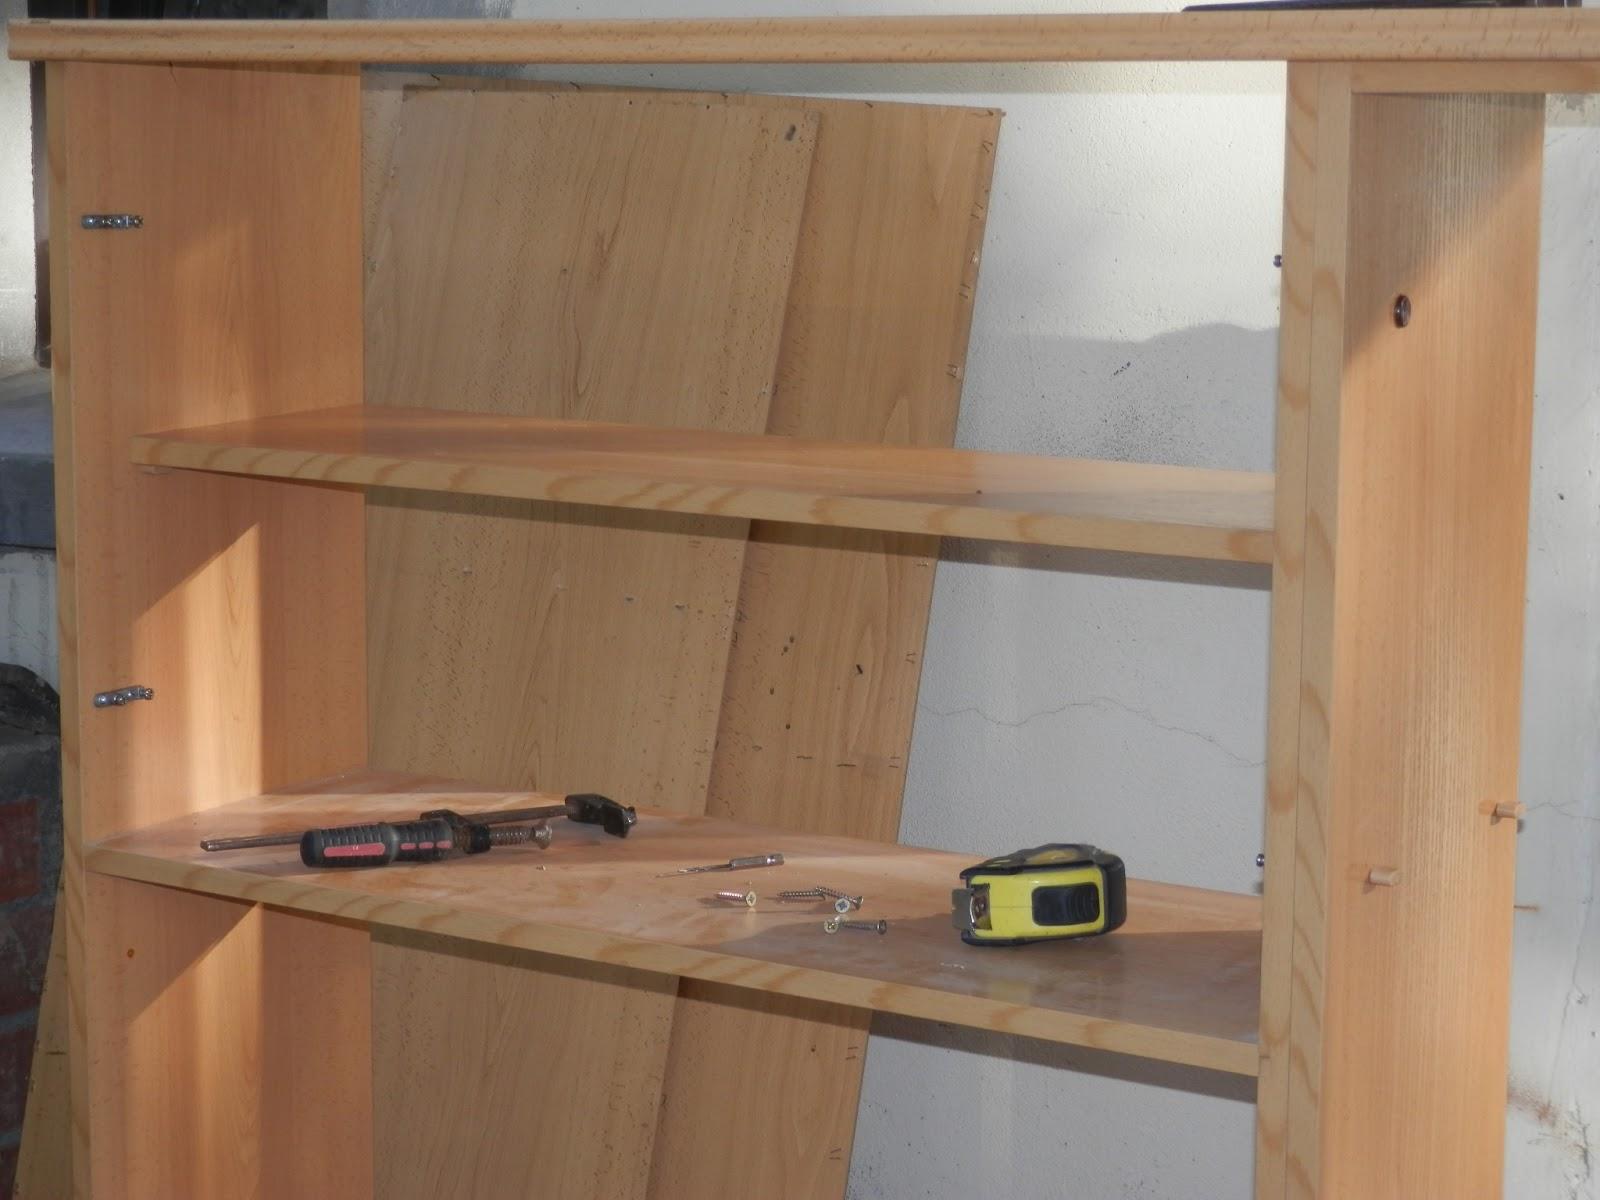 Aprovechando pintar mueble de melamina - Pintura para muebles de melamina ...